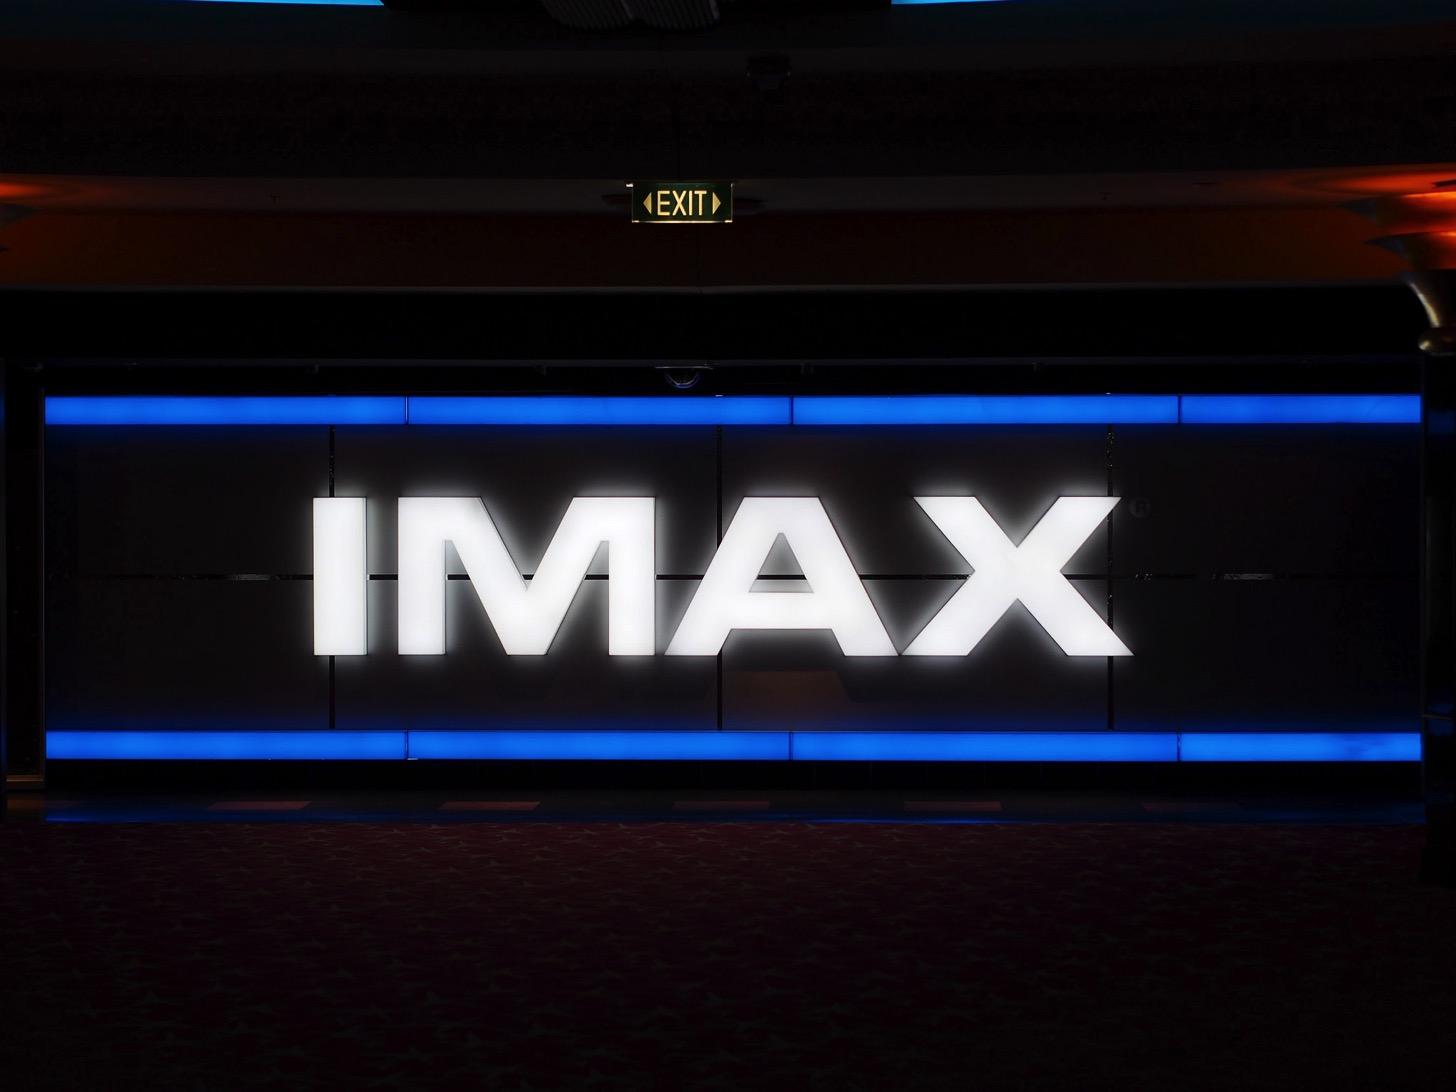 最近、映画館でよく聞く「IMAX」(アイマックス)とはどういう意味?